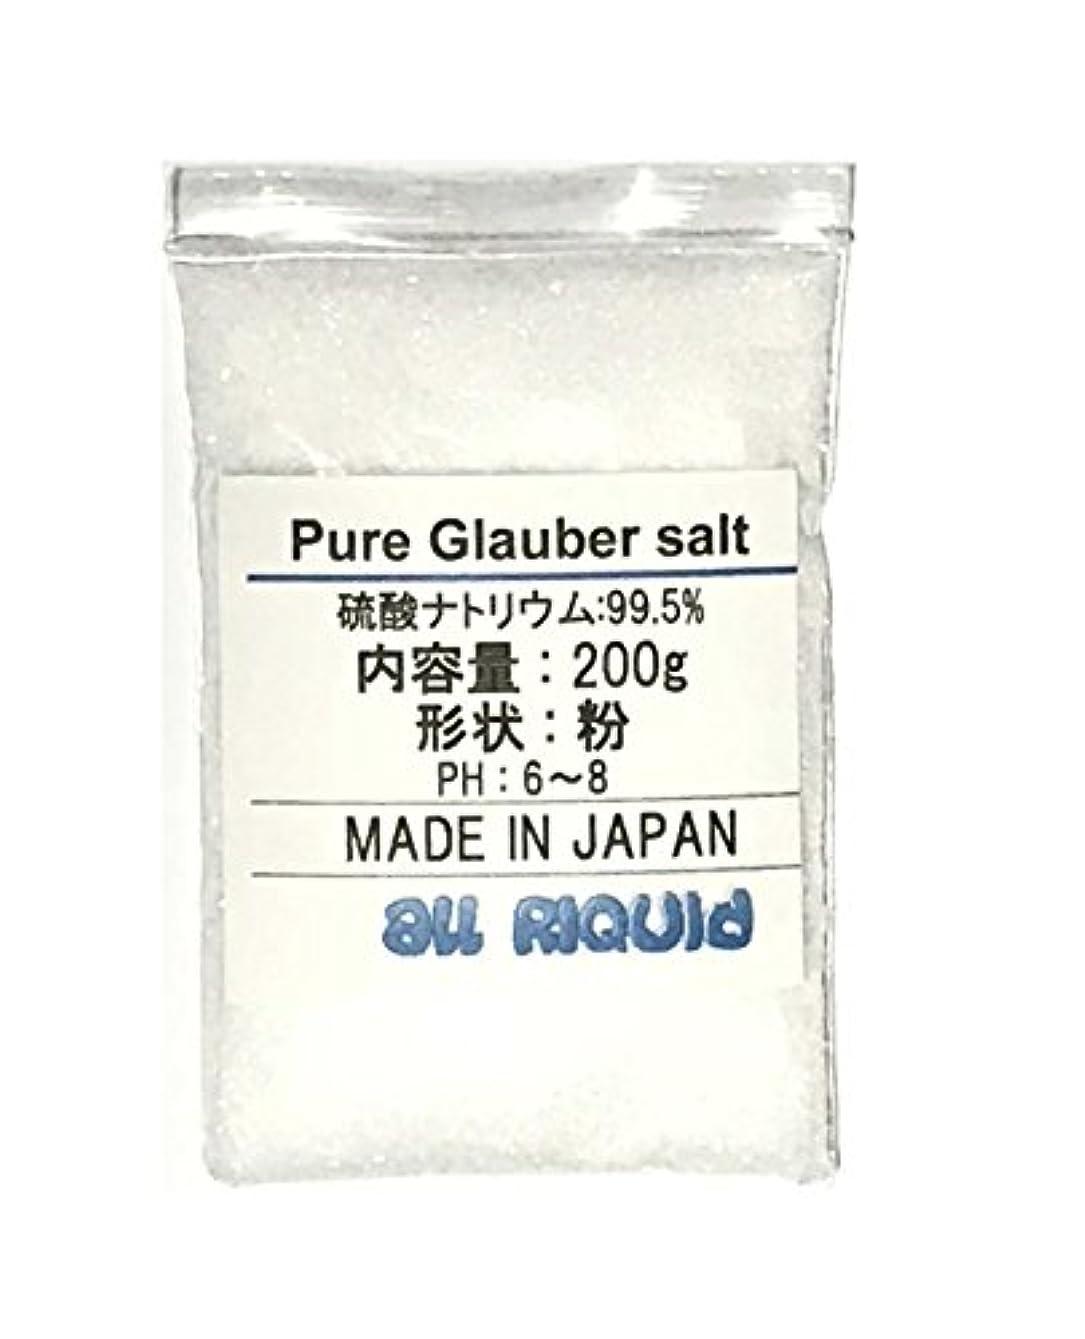 無意識アプライアンスモナリザ純 グラウバーソルト 200g x5 (硫酸ナトリウム) 50回分 99.5% 国産品 オールリキッド 芒硝 ローズオイル配合